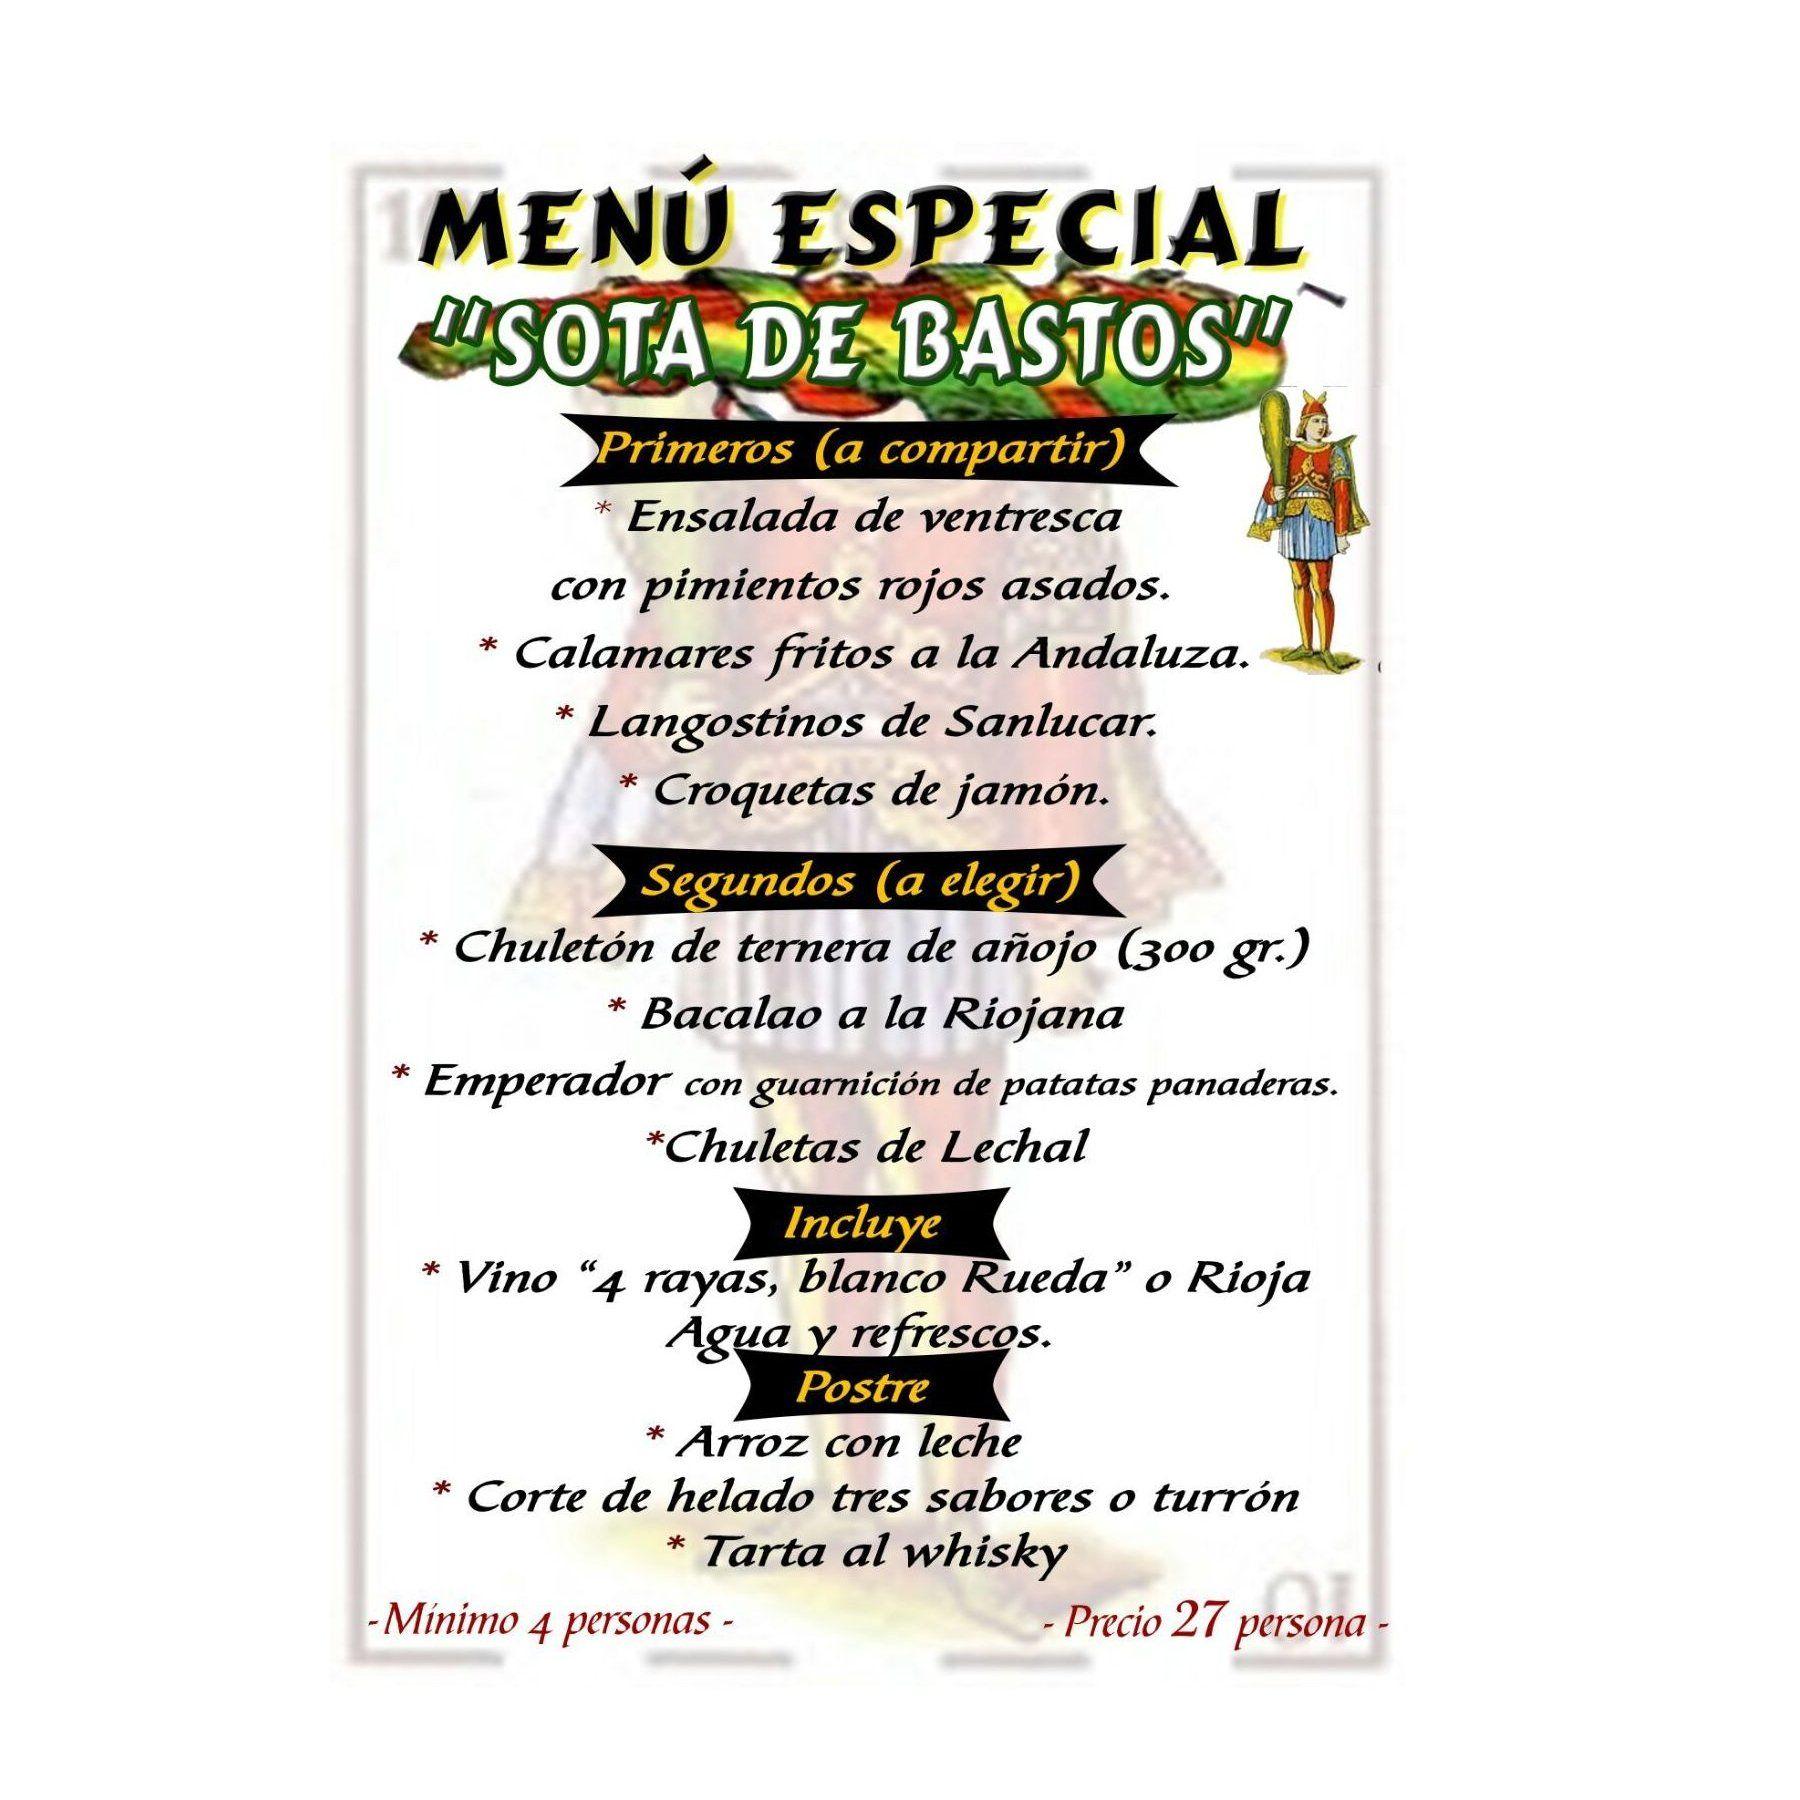 Menú Sota de Bastos: Especialidades de Restaurante Bodegón Ciri